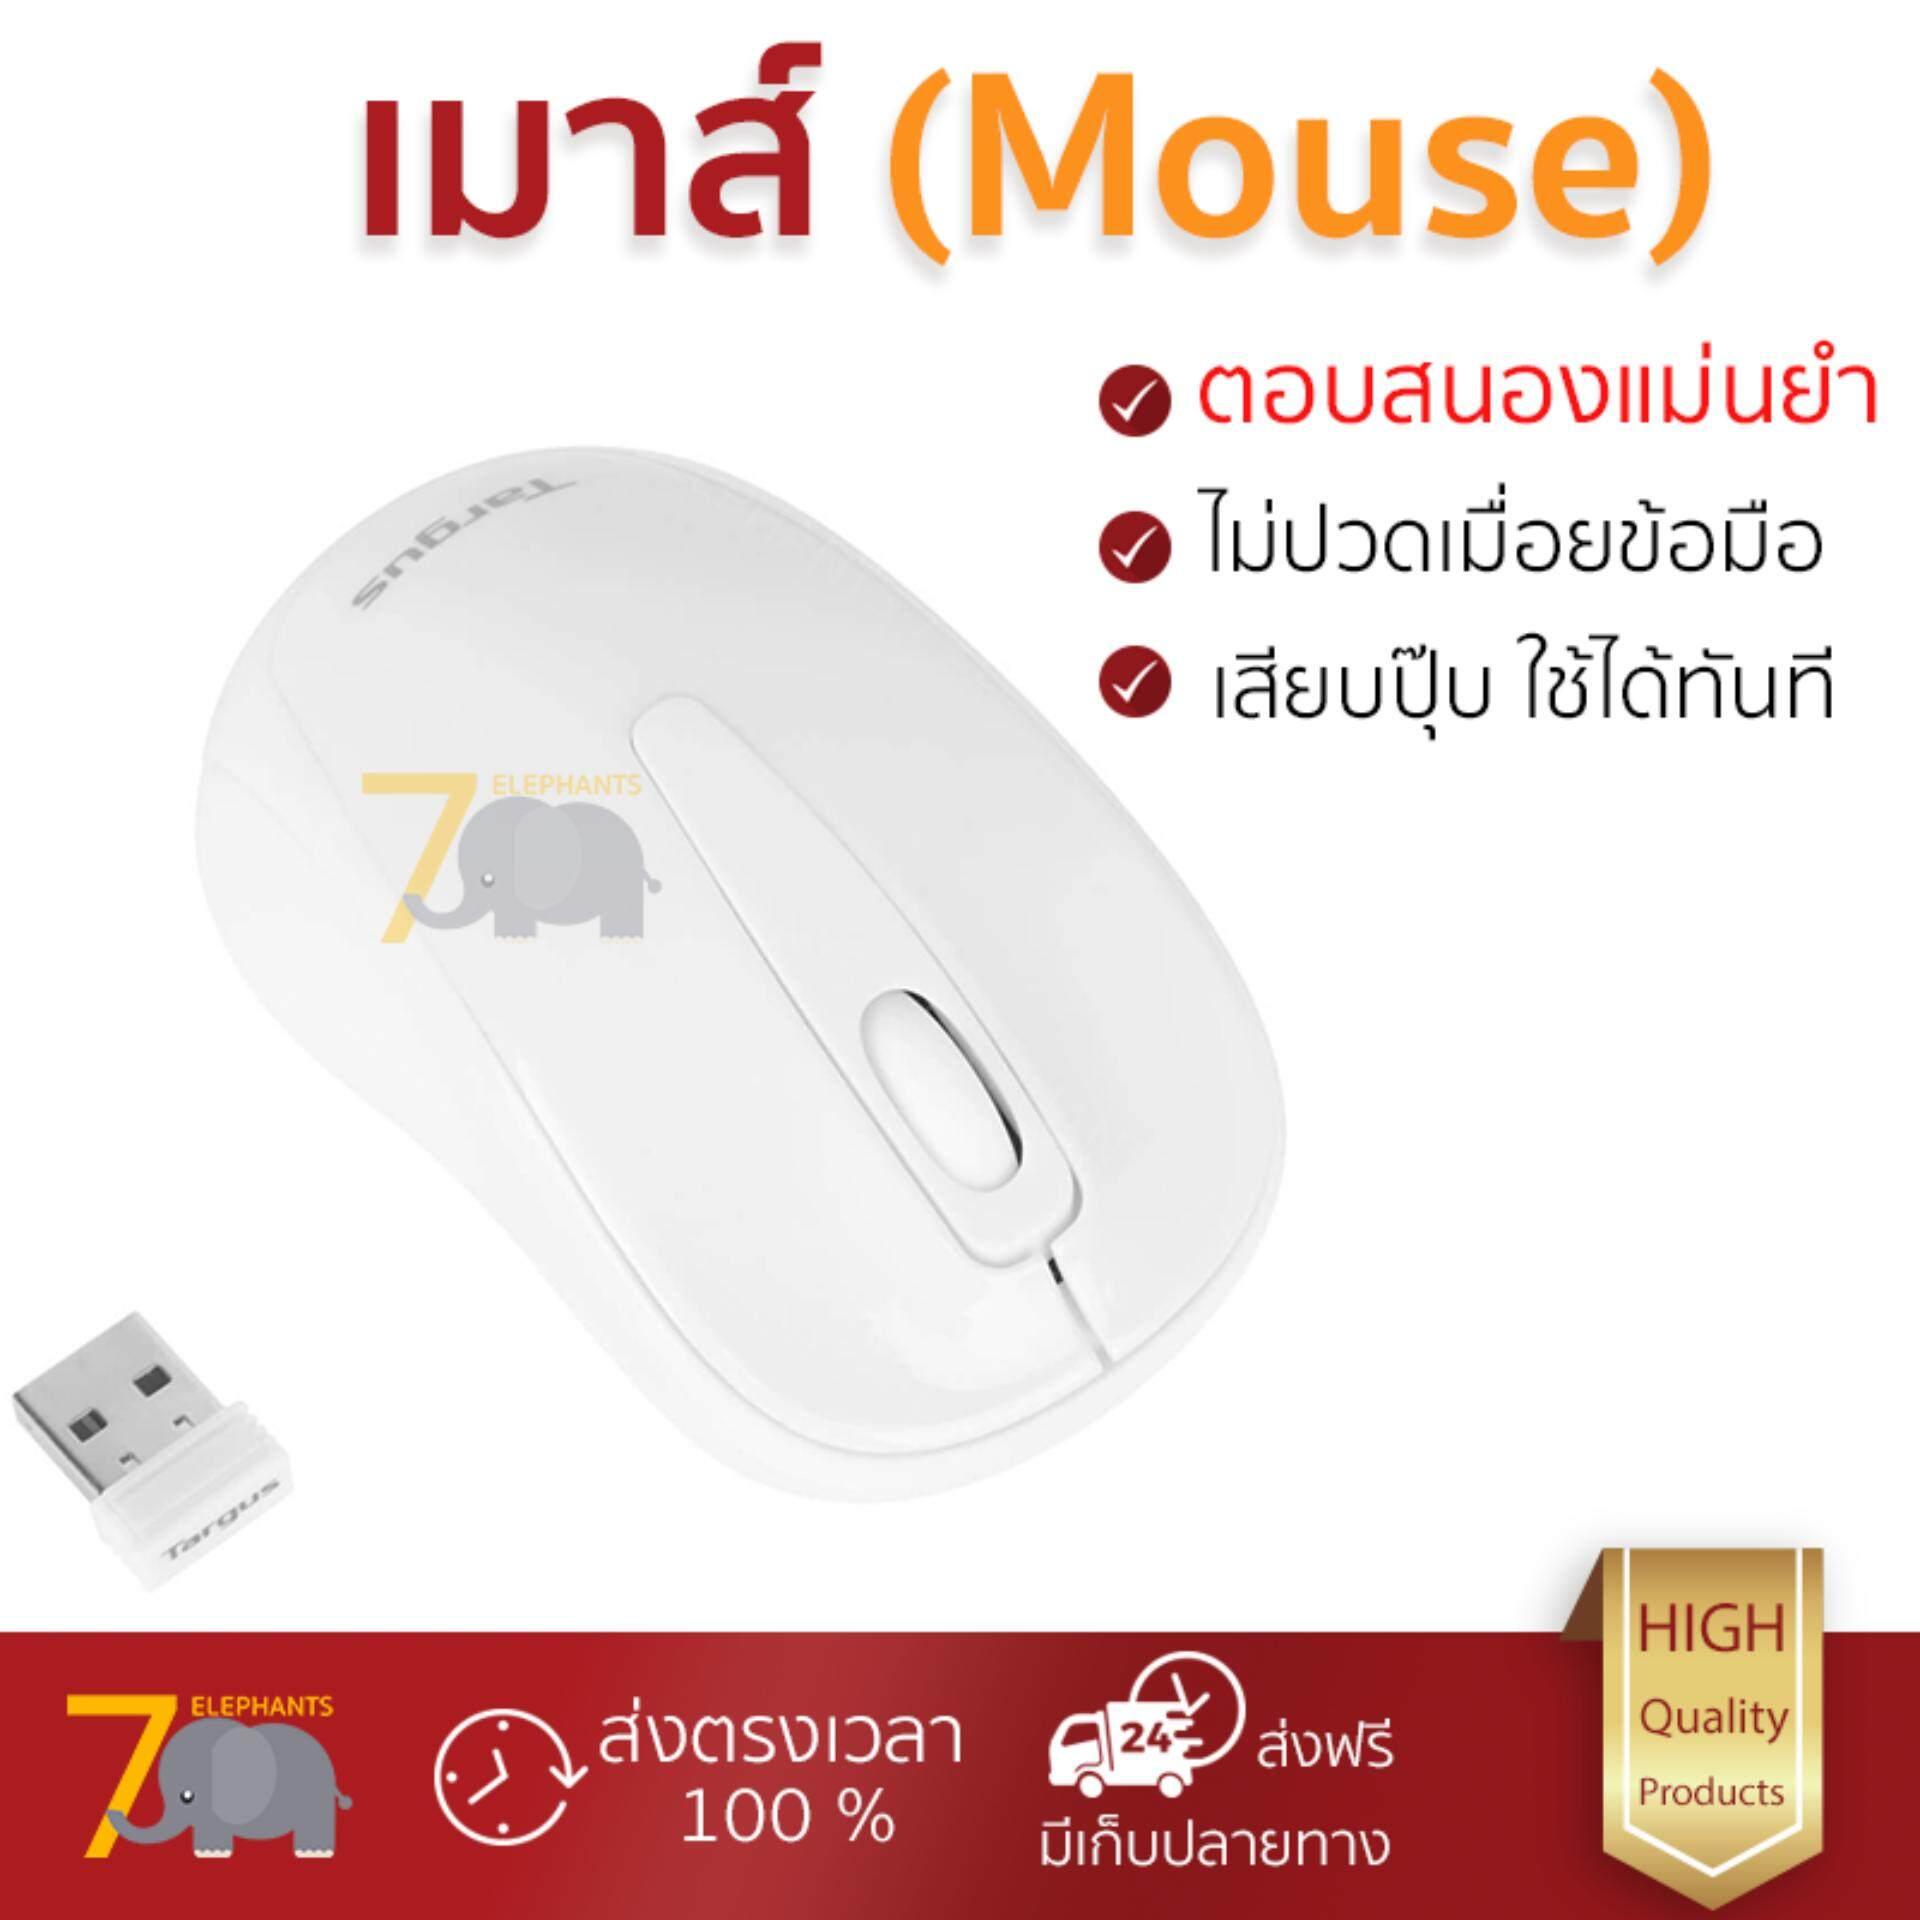 สุดยอดสินค้า!! รุ่นใหม่ล่าสุด เมาส์           TARGUS เมาส์ไร้สาย (สีขาว) รุ่น AMW60001AP             เซนเซอร์คุณภาพสูง ทำงานได้ลื่นไหล ไม่มีสะดุด Computer Mouse  รับประกันสินค้า 1 ปี จัดส่งฟรี Kerry ท